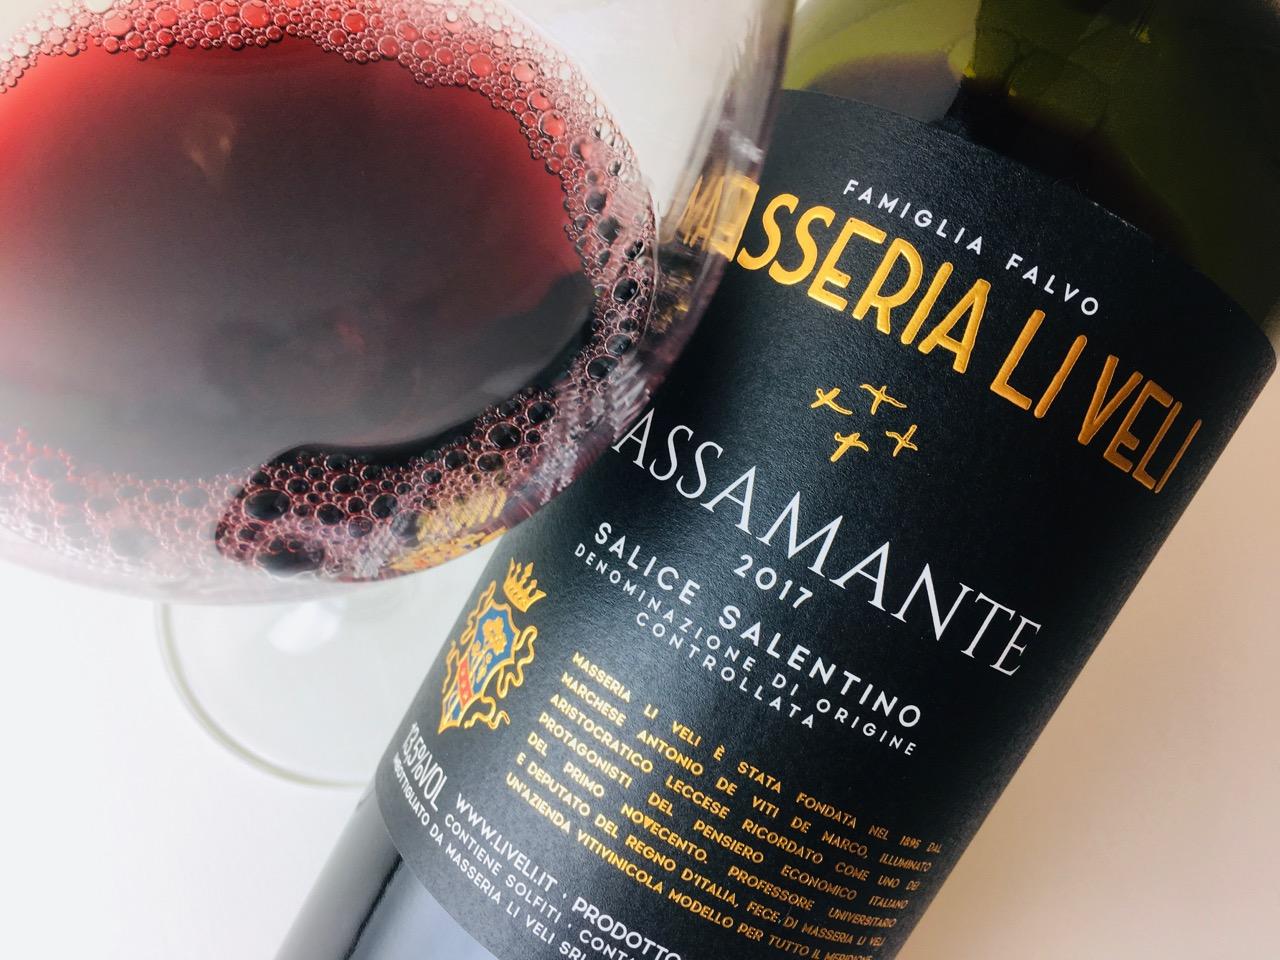 2017 Masseria Li Veli Passamante Salice Salentino